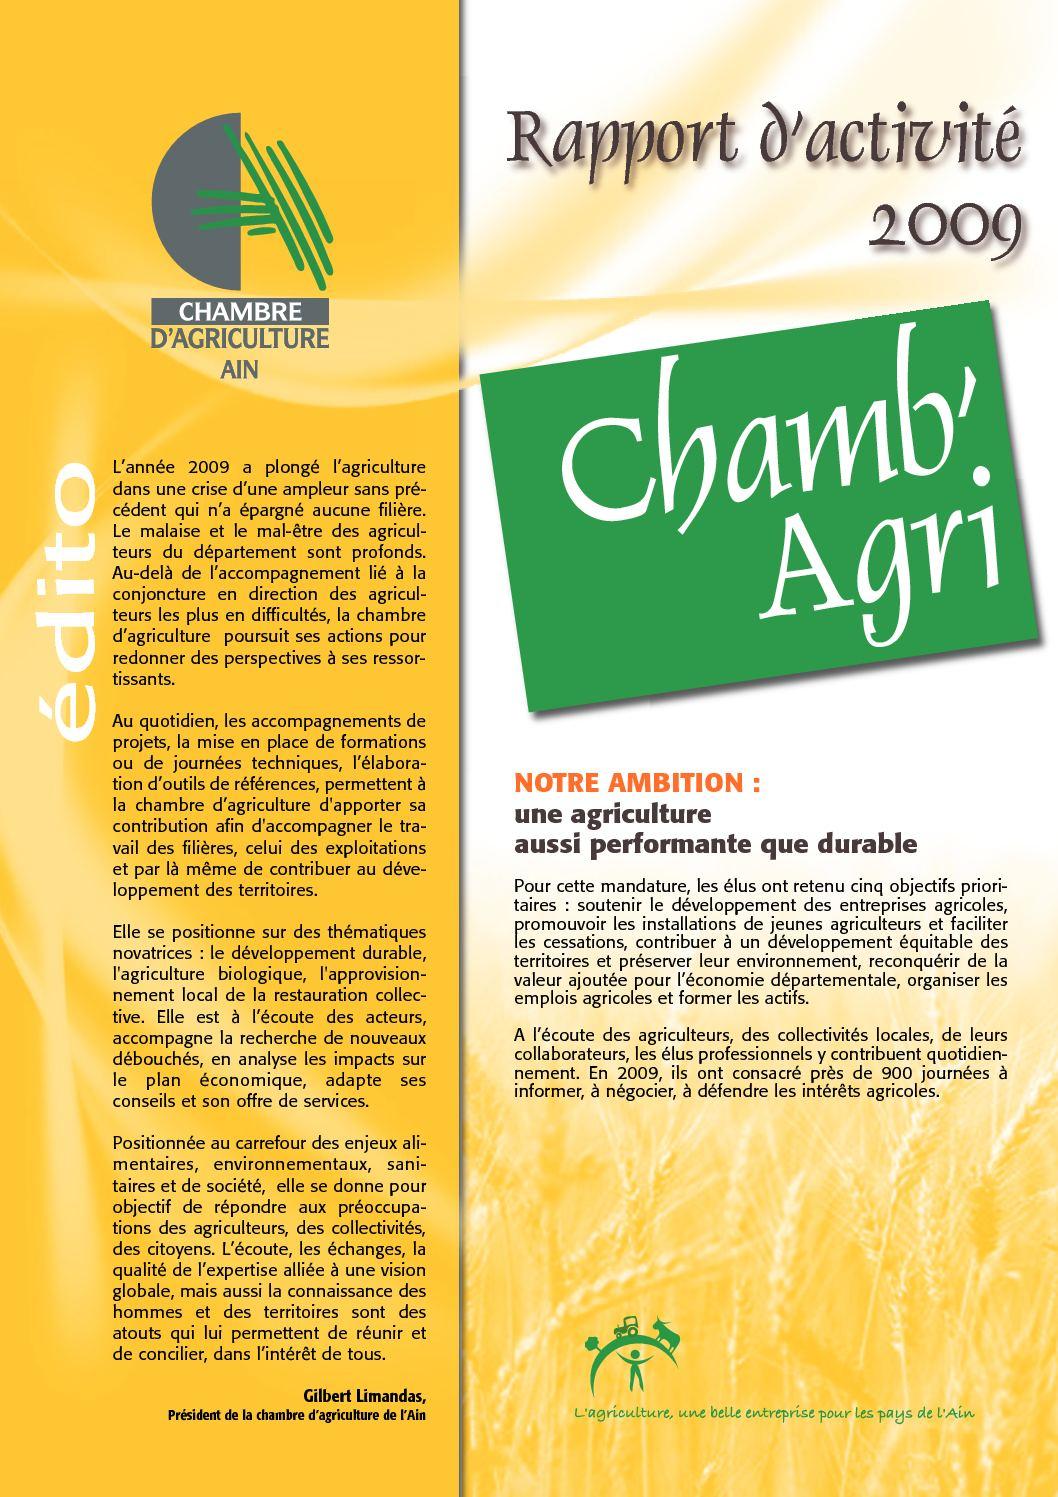 Calam o rapport d 39 activit s 2009 chambre d 39 agriculture de l 39 ain - Chambre agriculture de l ain ...